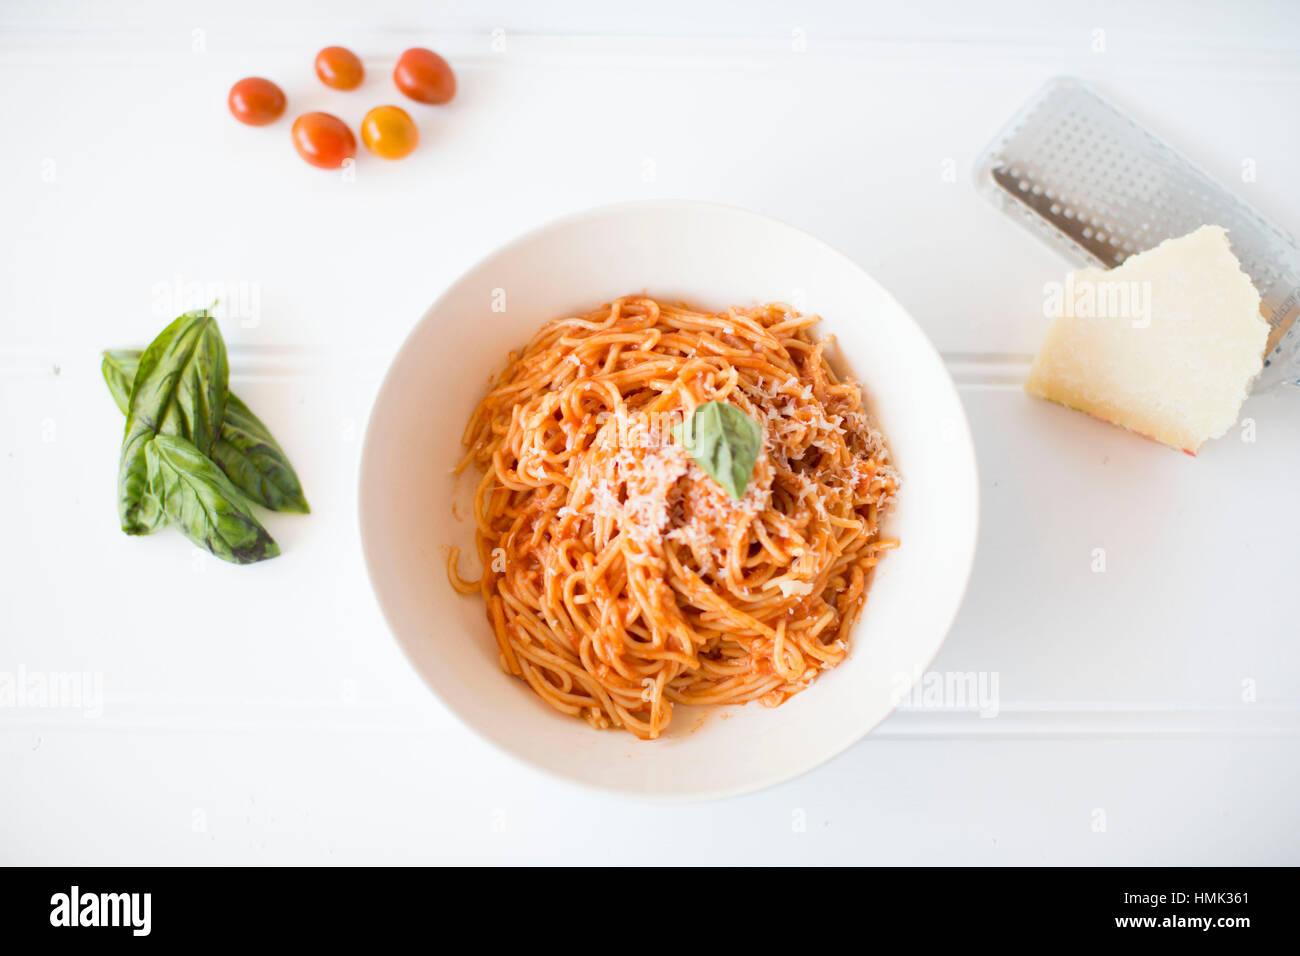 Pomodoro Pasta laici piatta su sfondo bianco Immagini Stock